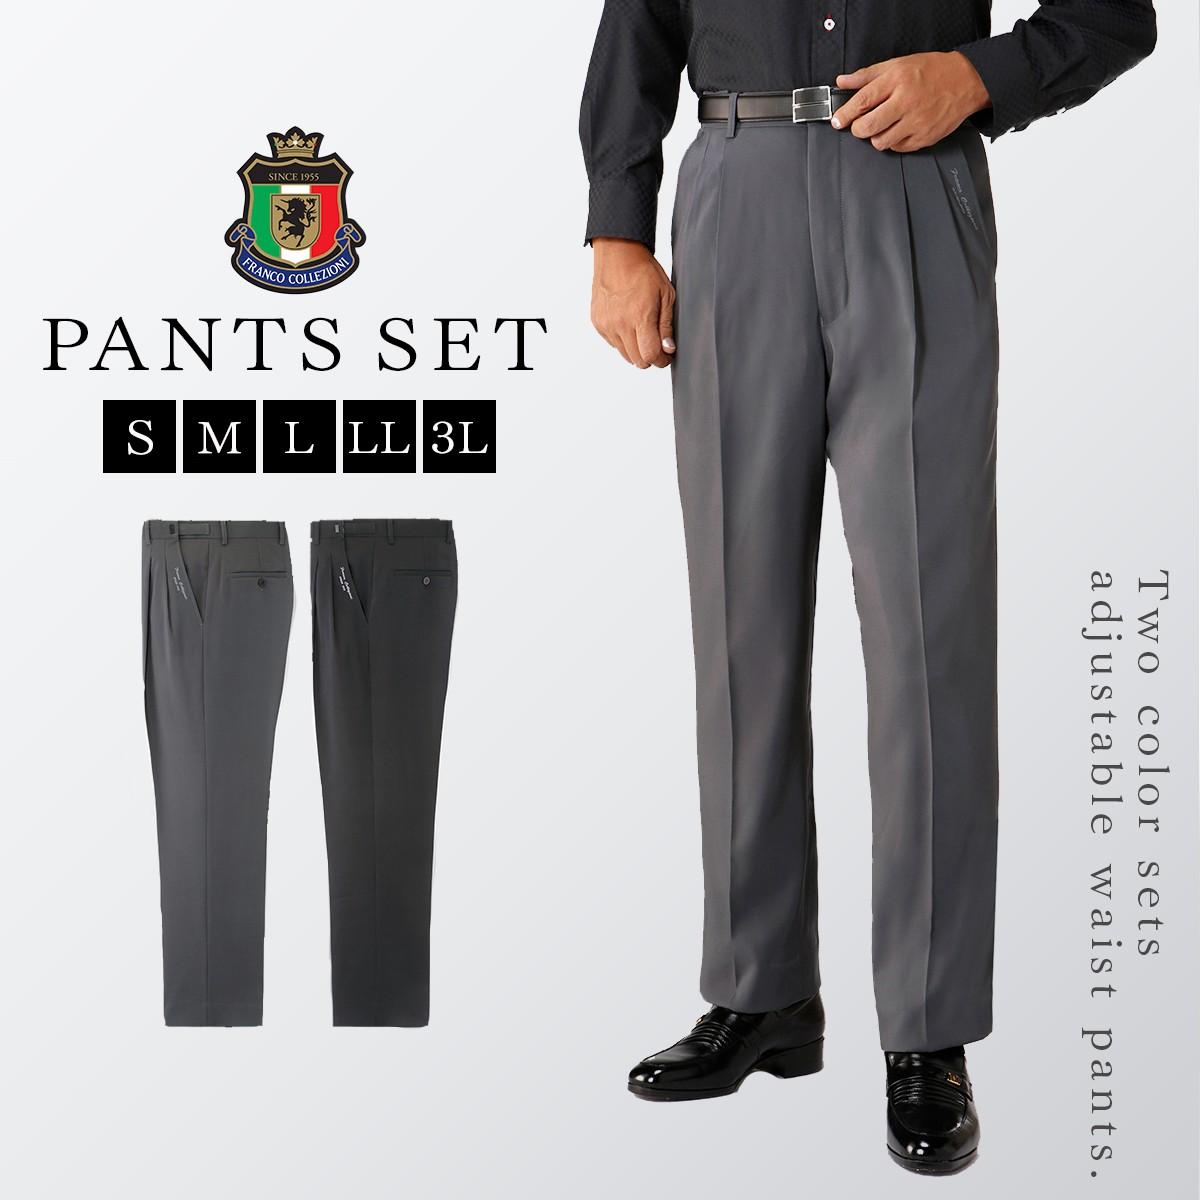 スラックス メンズ アジャスター ビジネス 会社 仕事 通勤 ストレッチ セット 2本セット ブラック 黒 グレー S M L LL XL 3L 大きいサイズ ゆったり 刺繍入りのびのびスラックス2本組 41027 2本セット アジャスター付き ストレッチ 人気